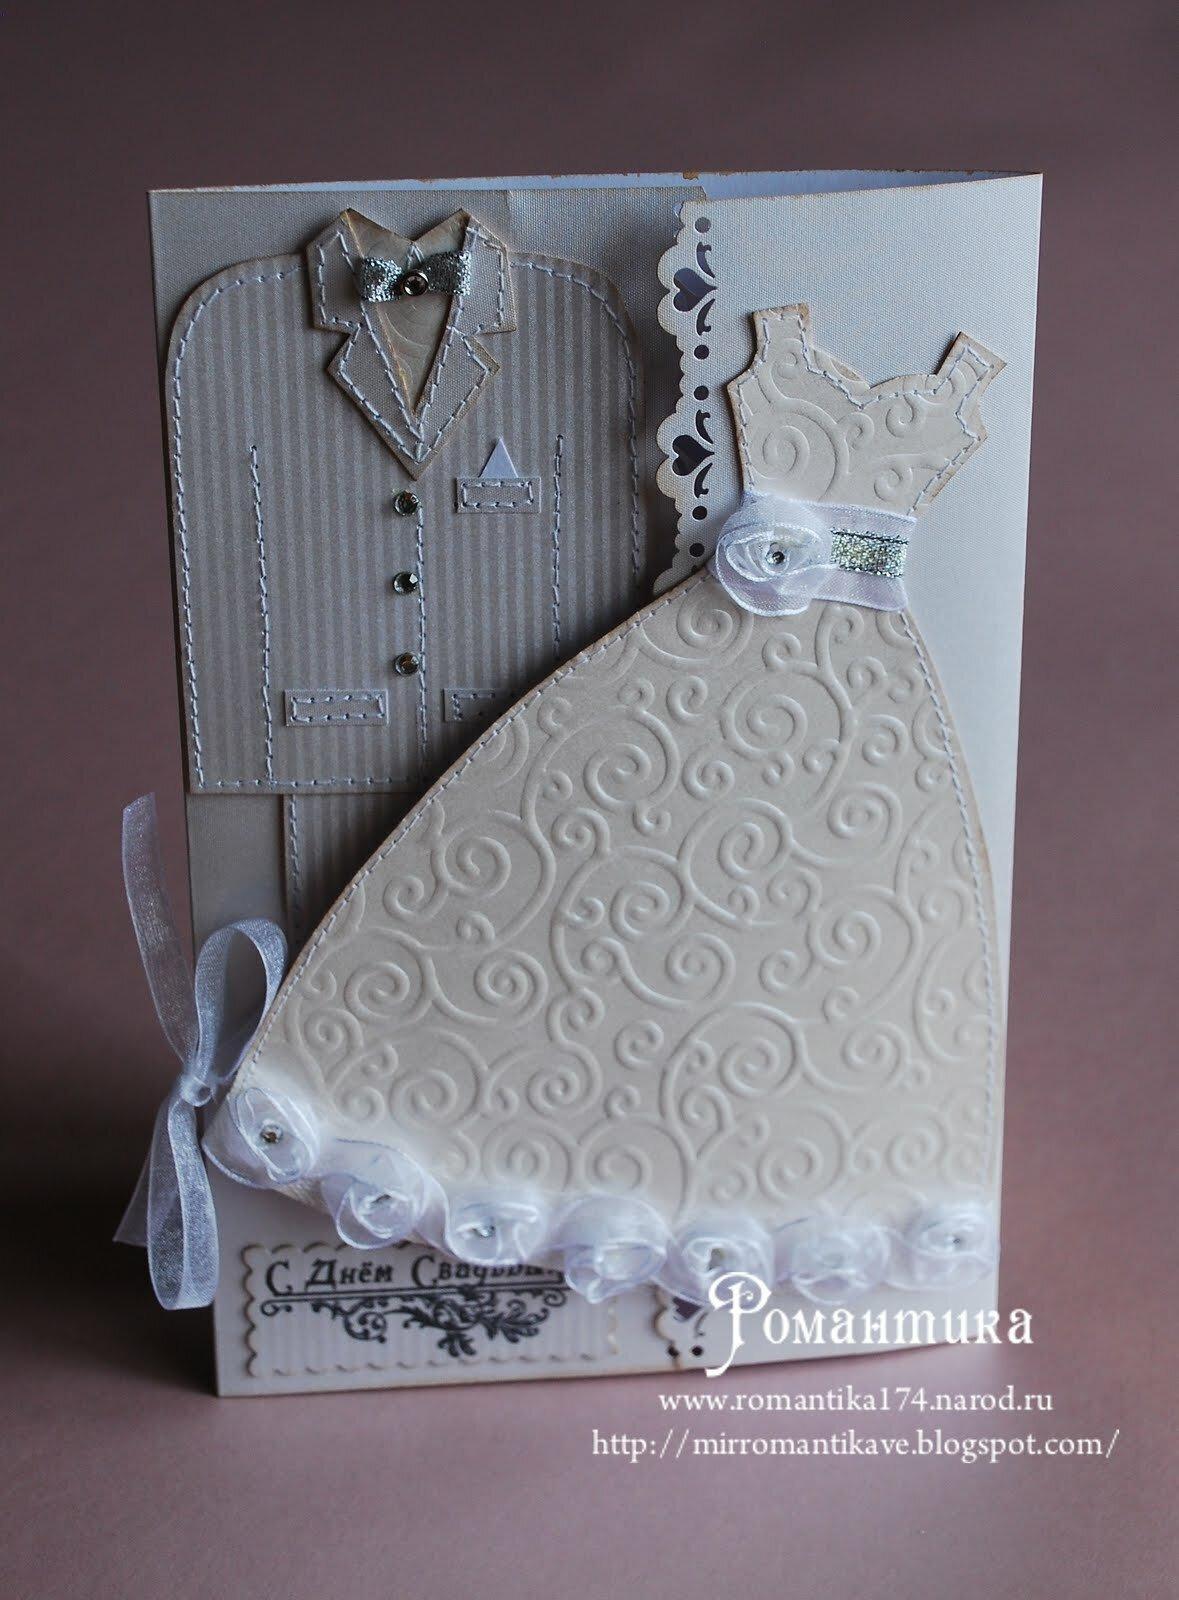 должна сделать свадебная открытка своими руками видна